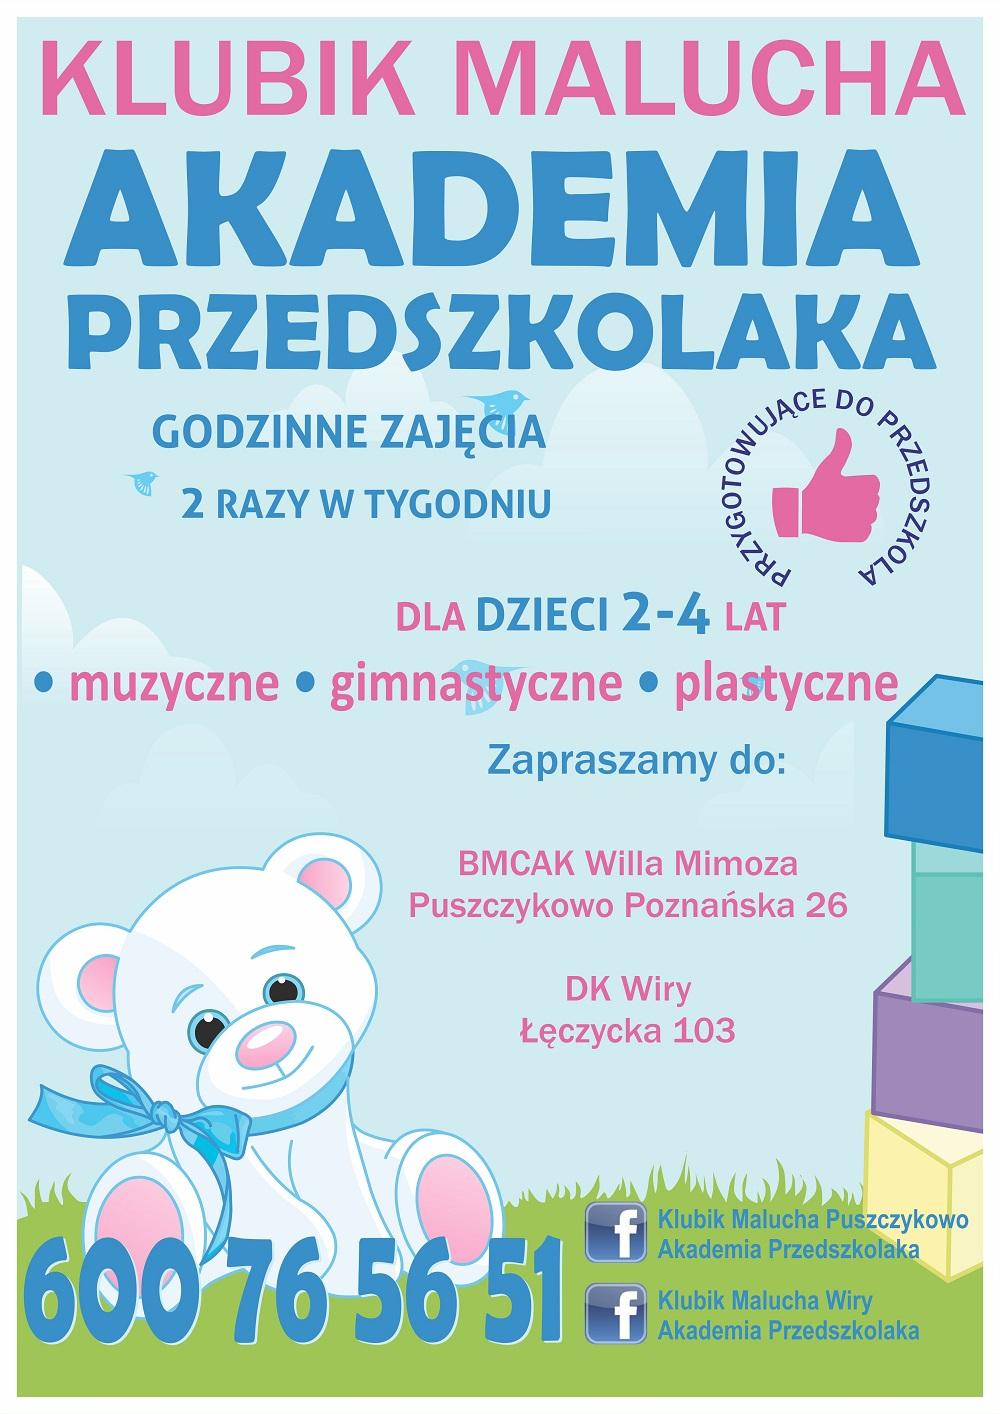 Plakat reklamujący Klub Malucha - Akademię Przedszkolaka. Grafika przedstawia białego, pluszowego, uśmiechniętego misa zachęcającego do zabawy.